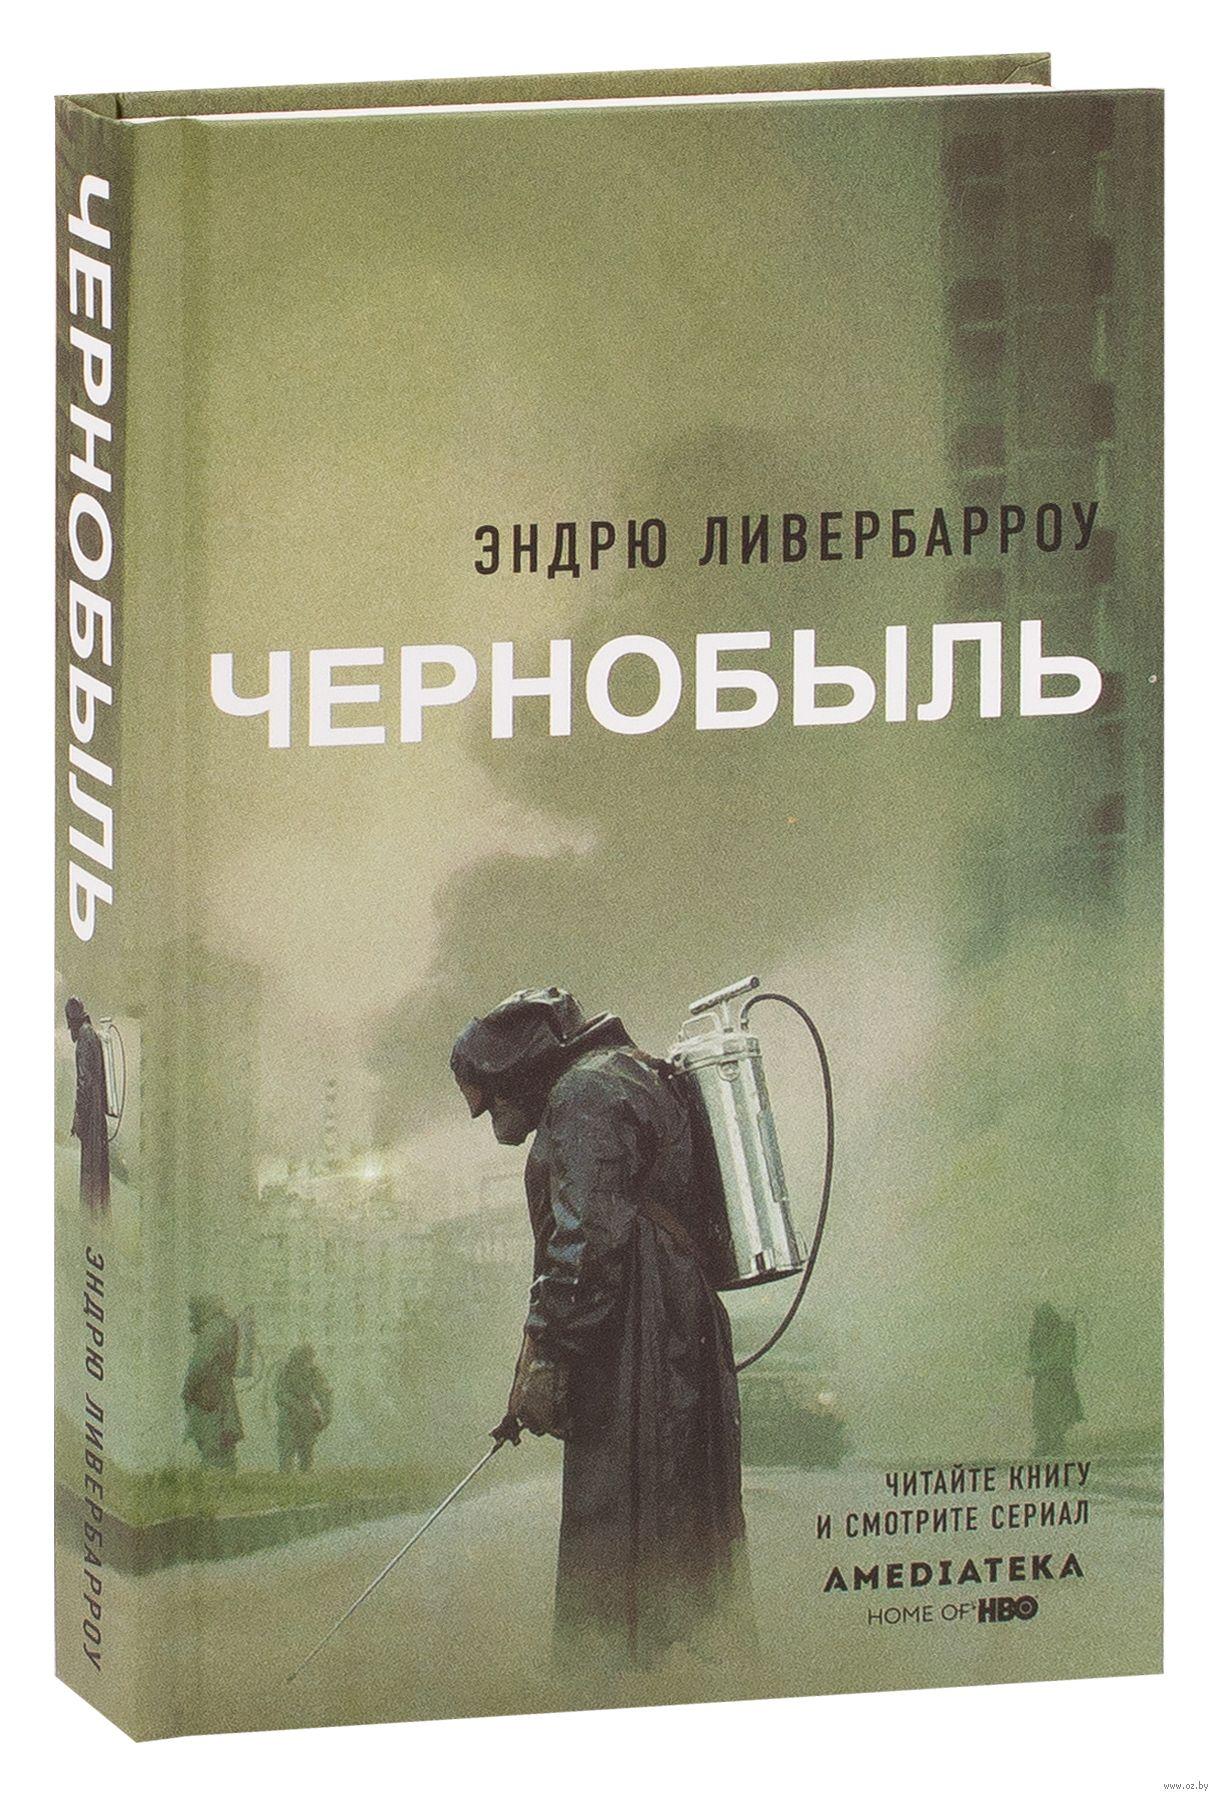 Книга про Чернобыль. Купить